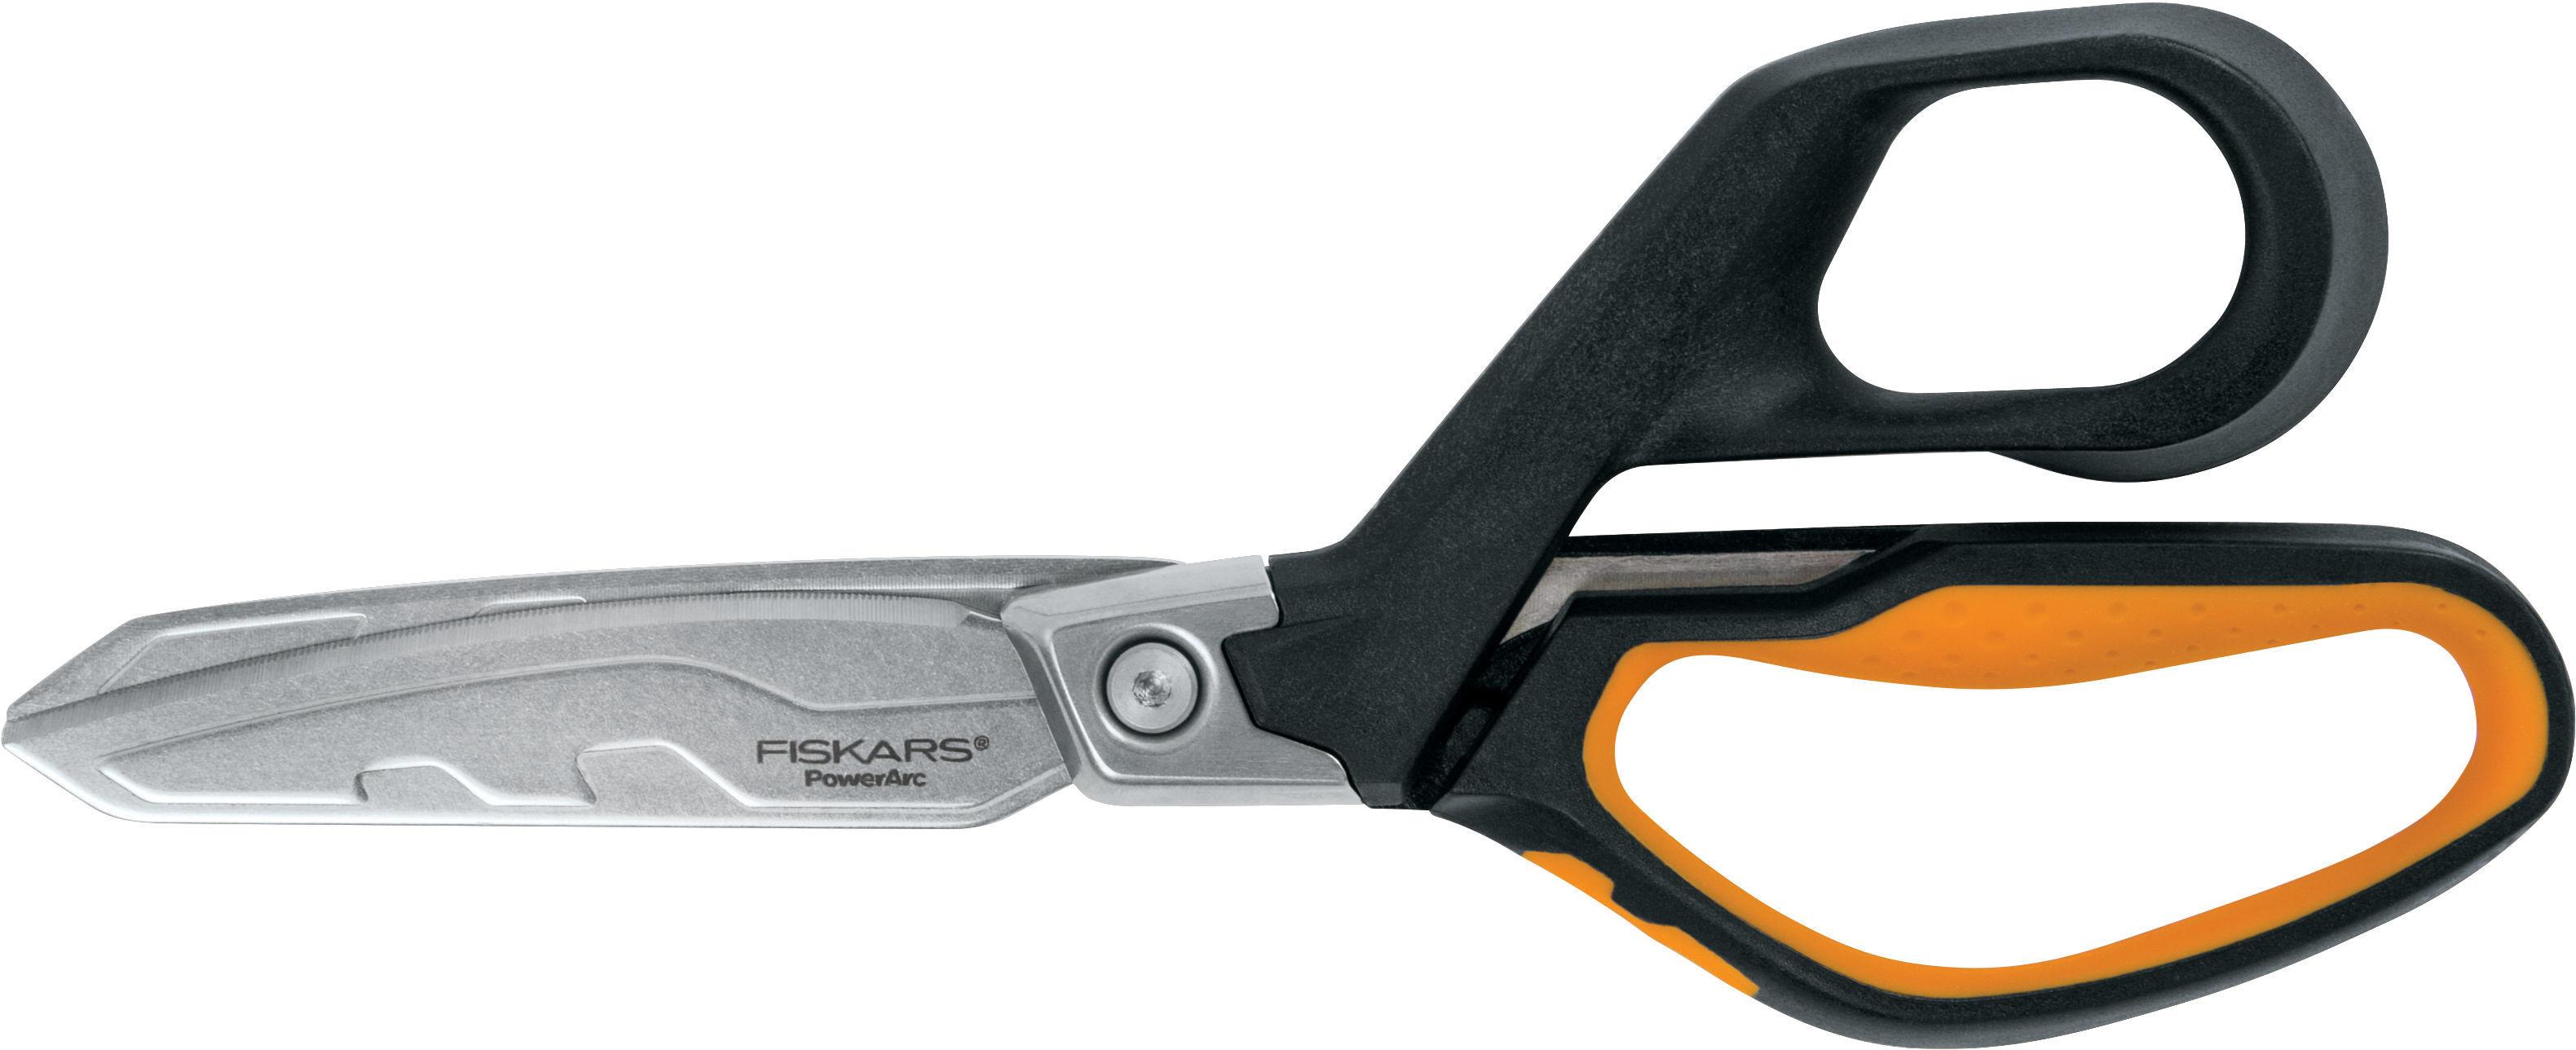 Nożyce do ciężkich zadań 210mm powerarc hardware